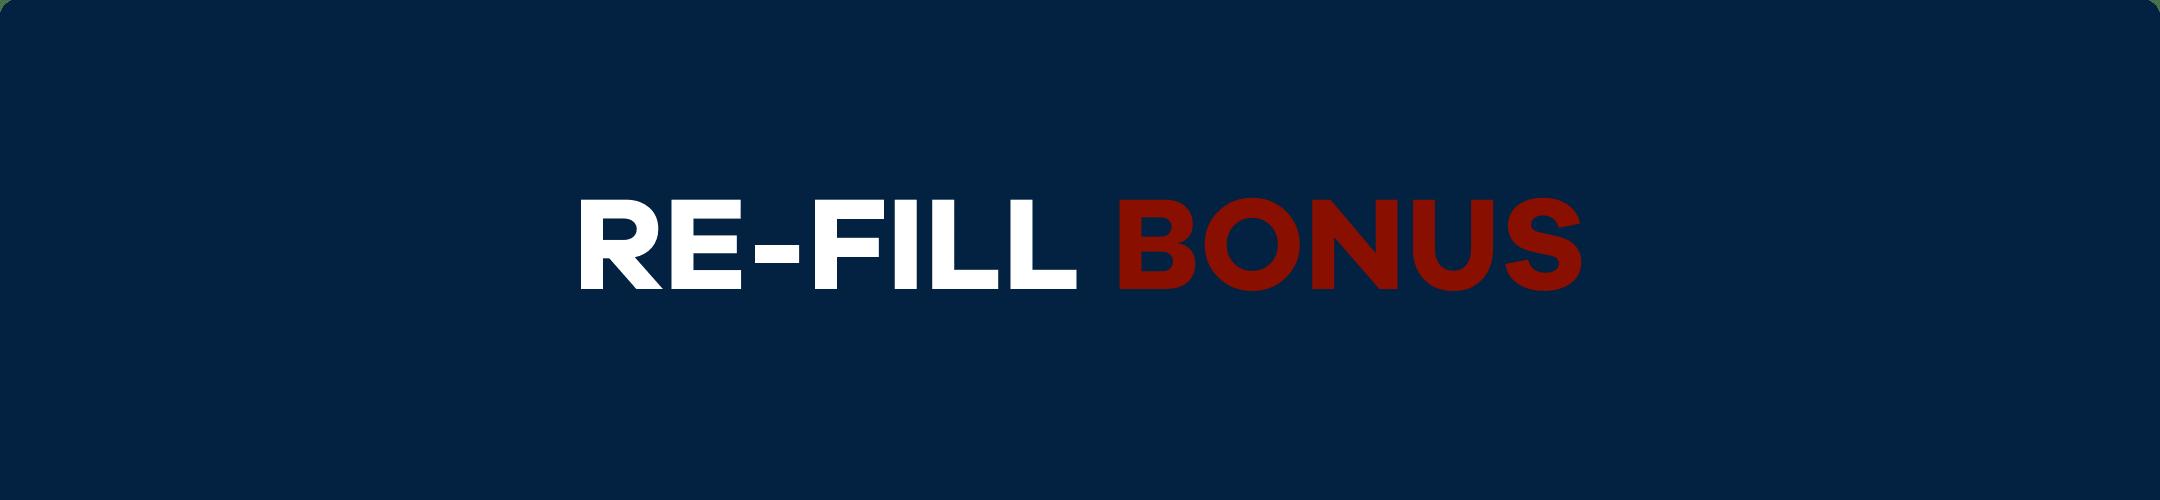 Re-fill bonus